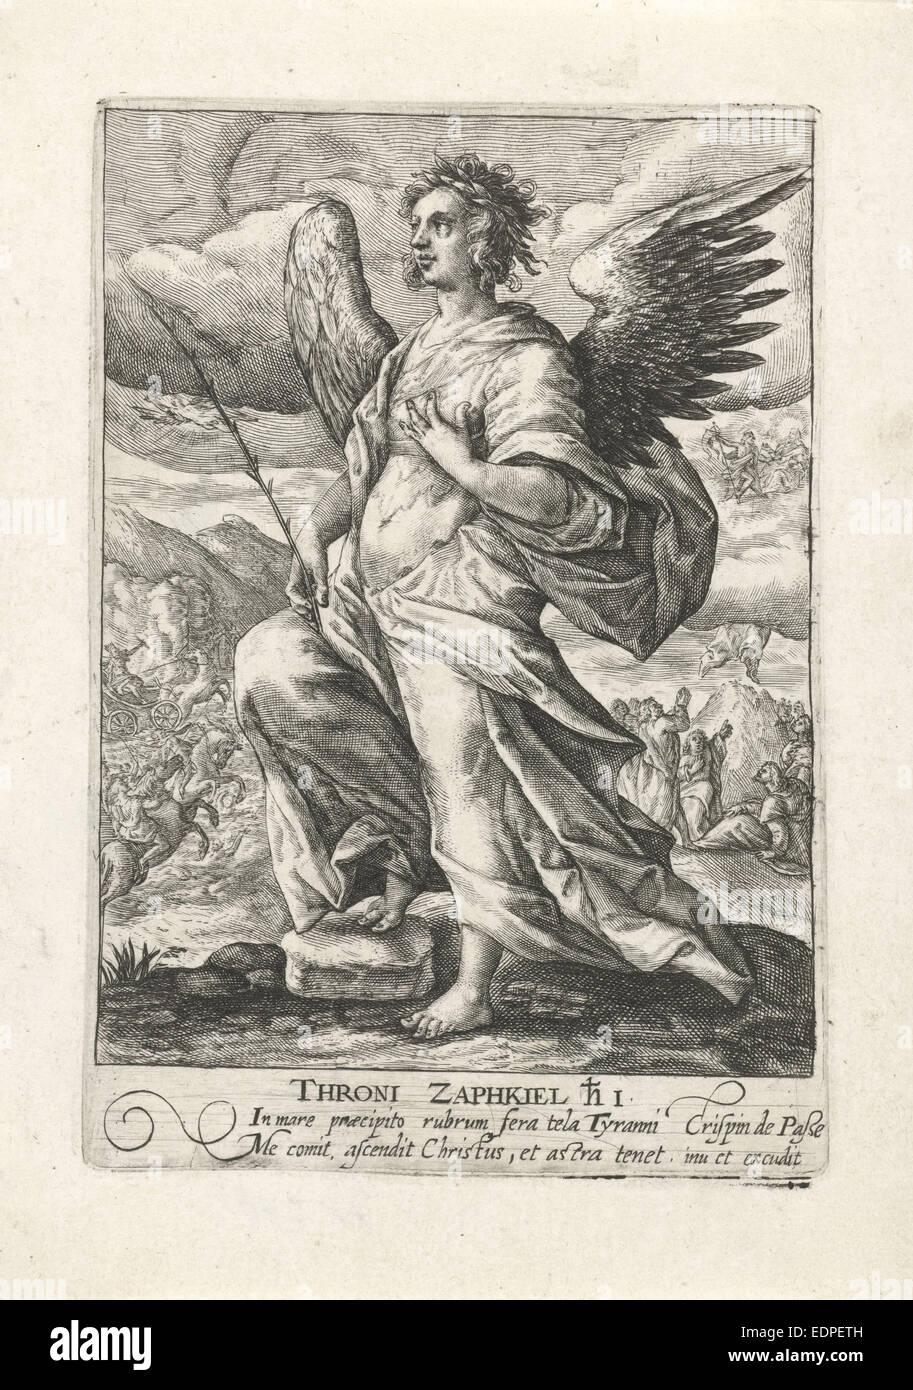 Archangel Zaphkiël, Crispijn van de Passe (I), 1574 - 1637 - Stock Image